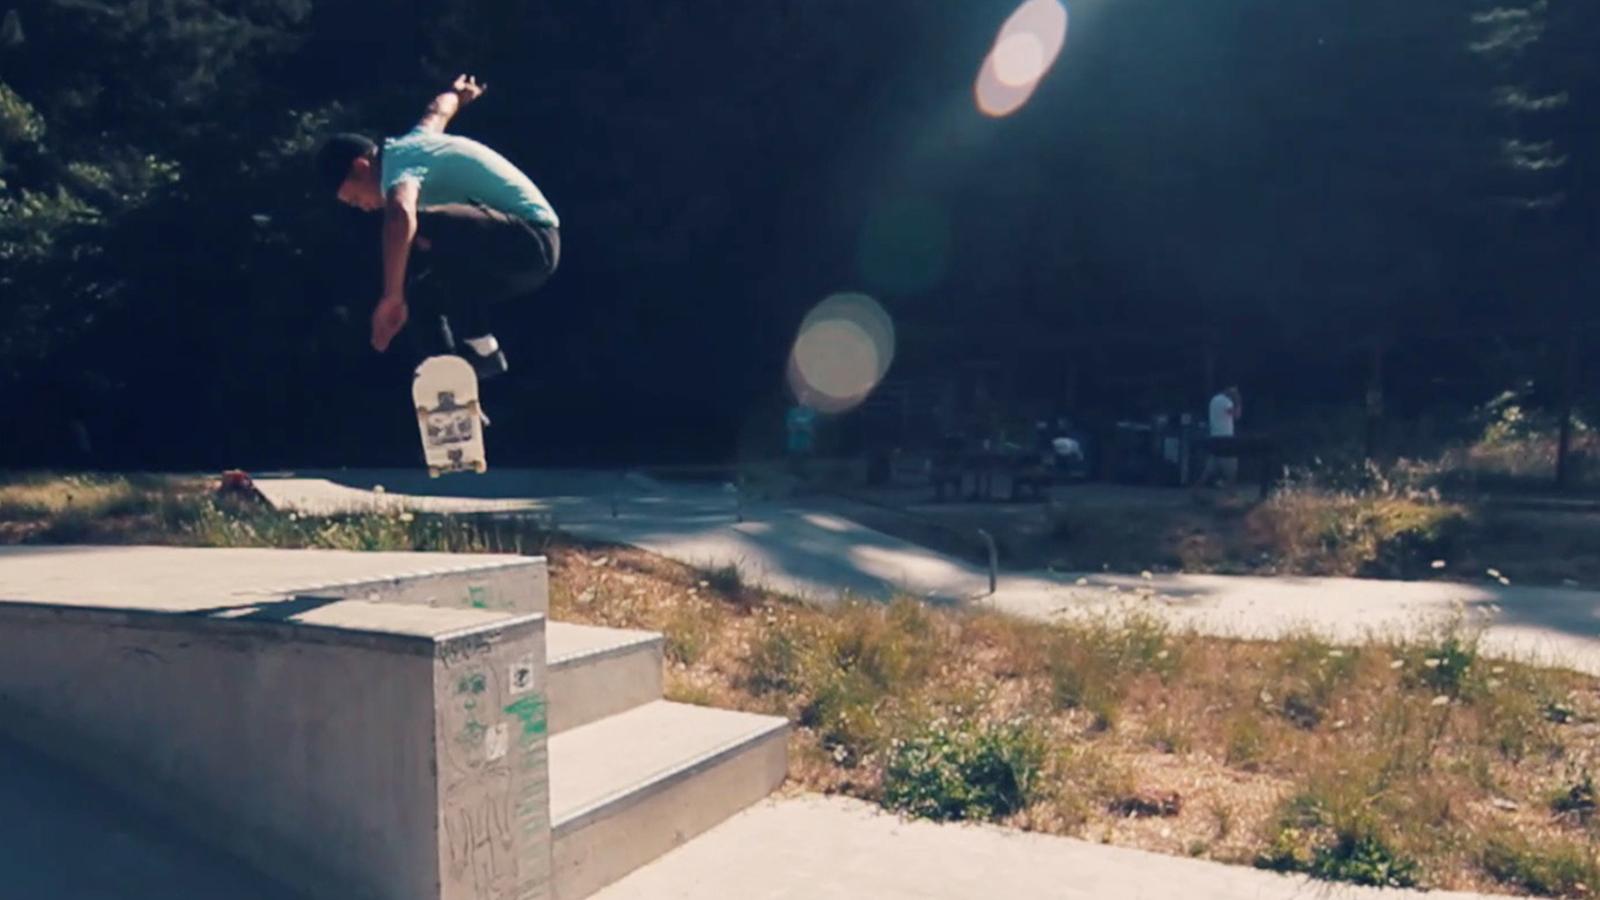 Capsule Skateboards Brand Profile6